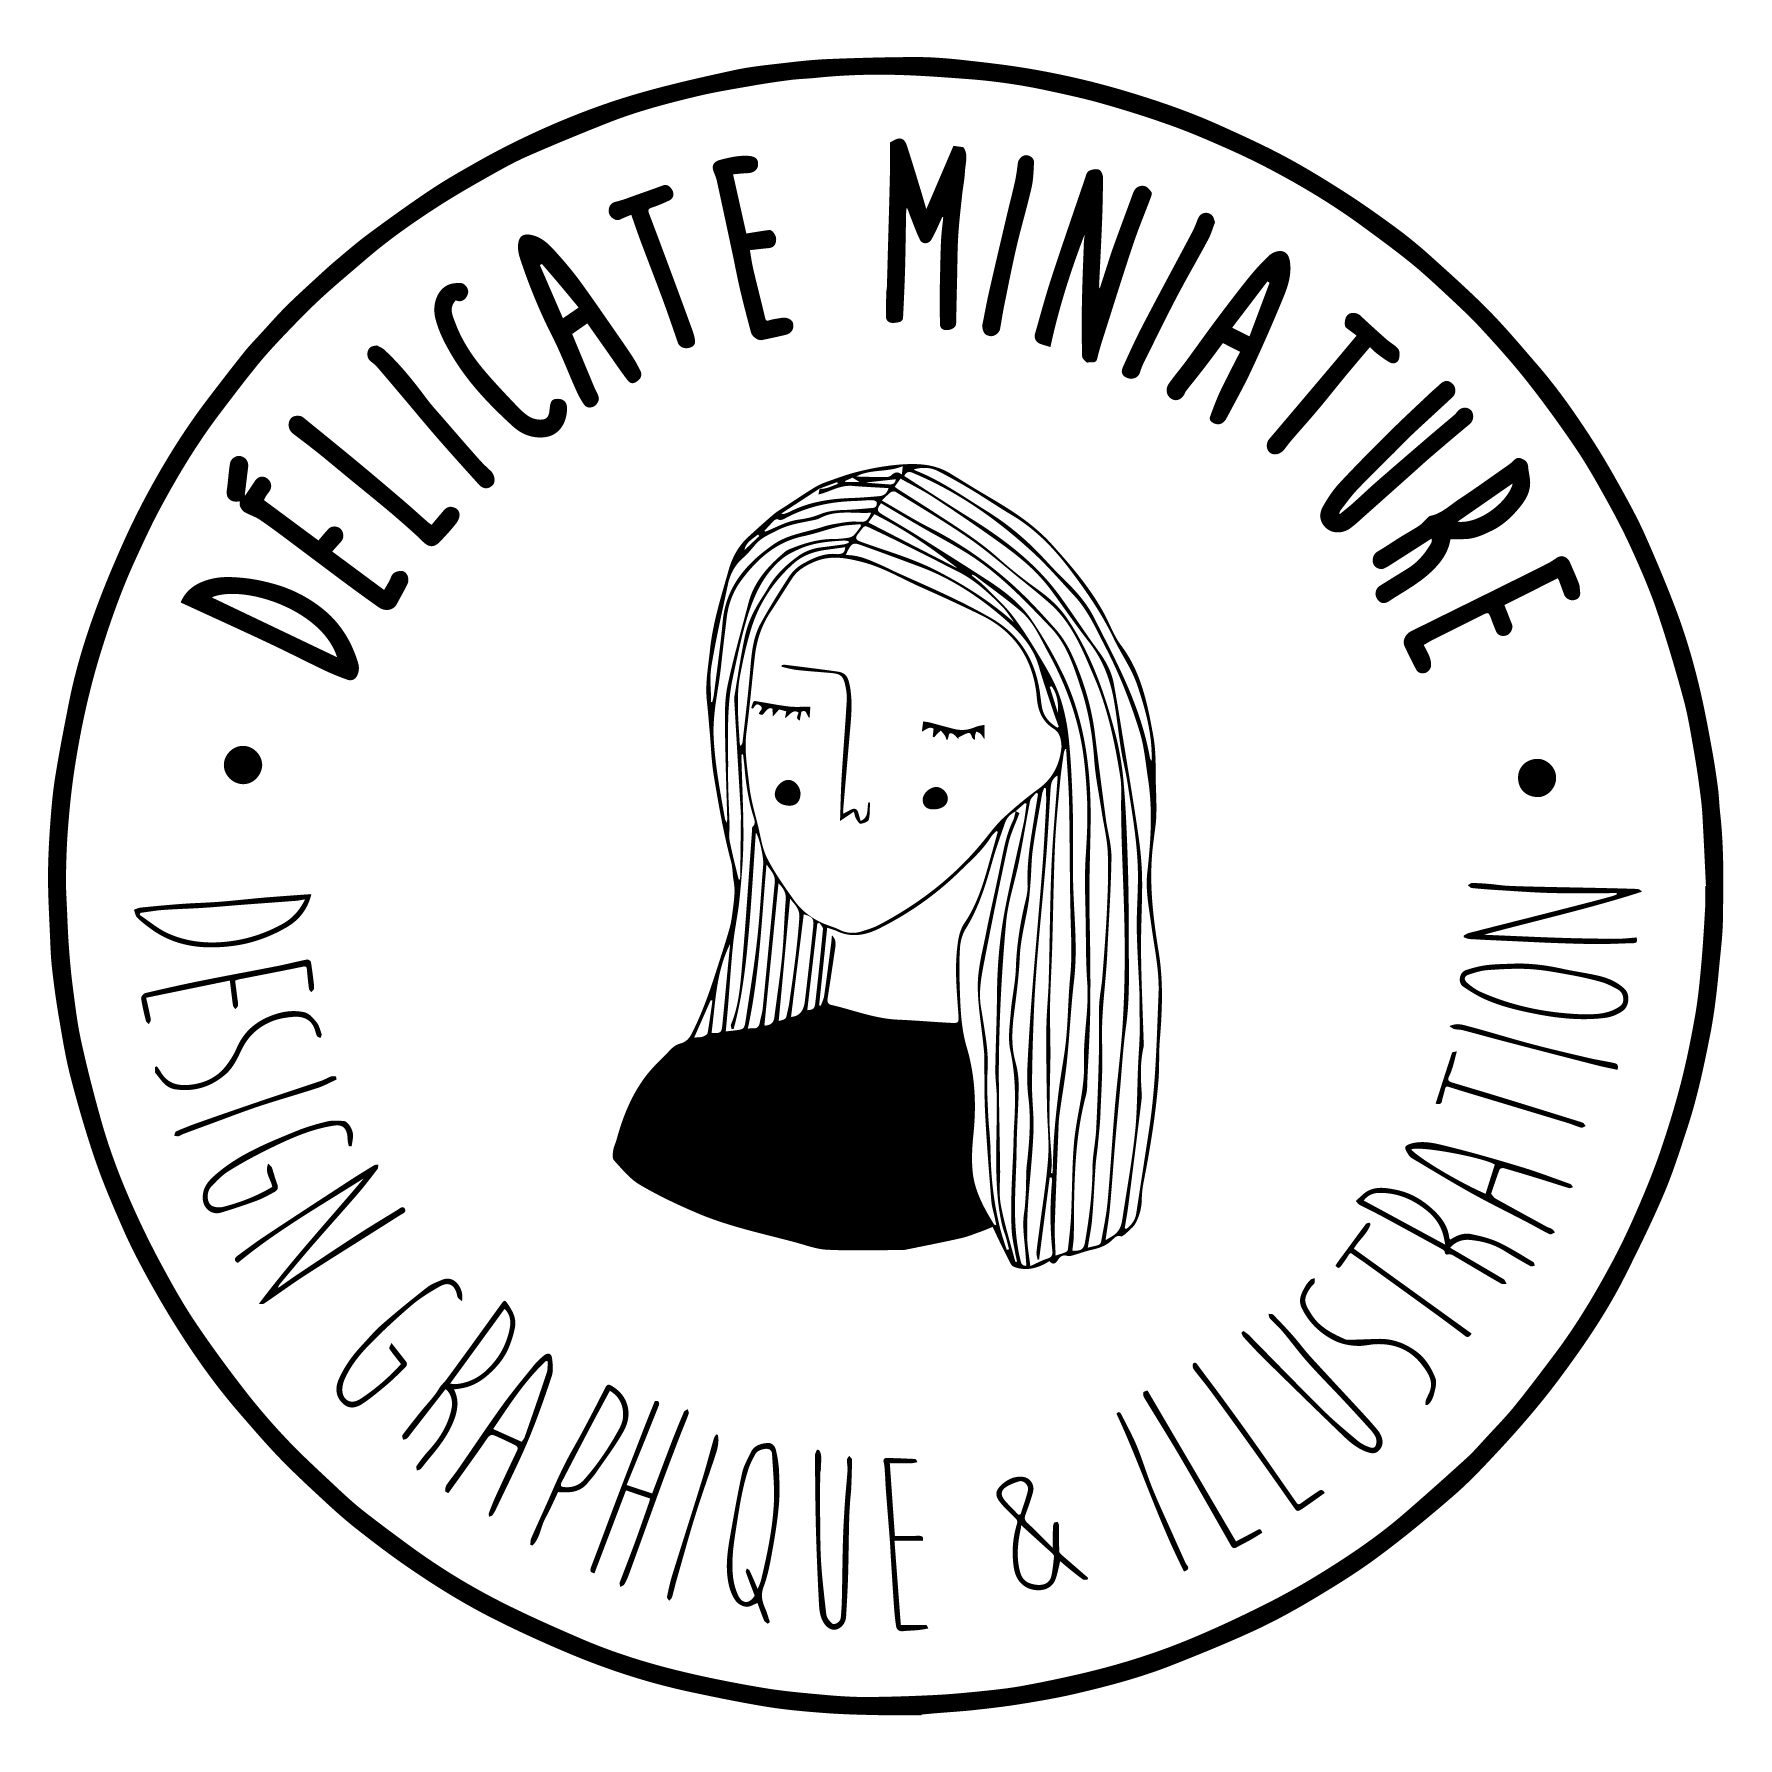 d u00e9licate miniature  u2013 design graphique et illustration sur